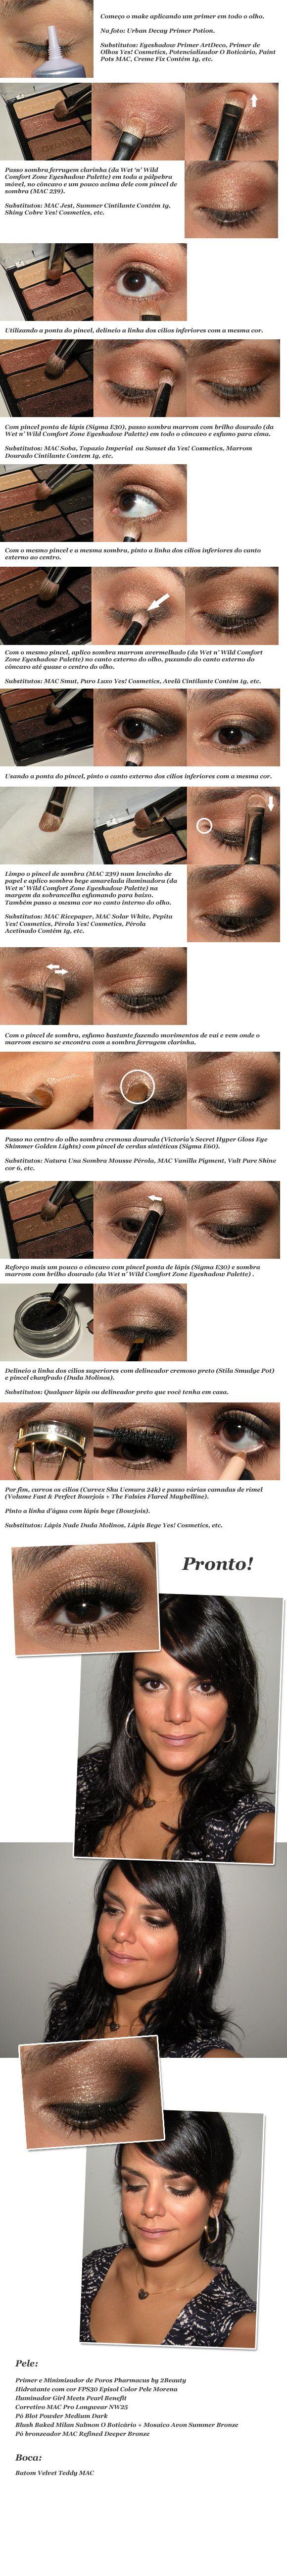 Wet N' Wild Drugstore Makeupmakeup Tipseye Makeuphair